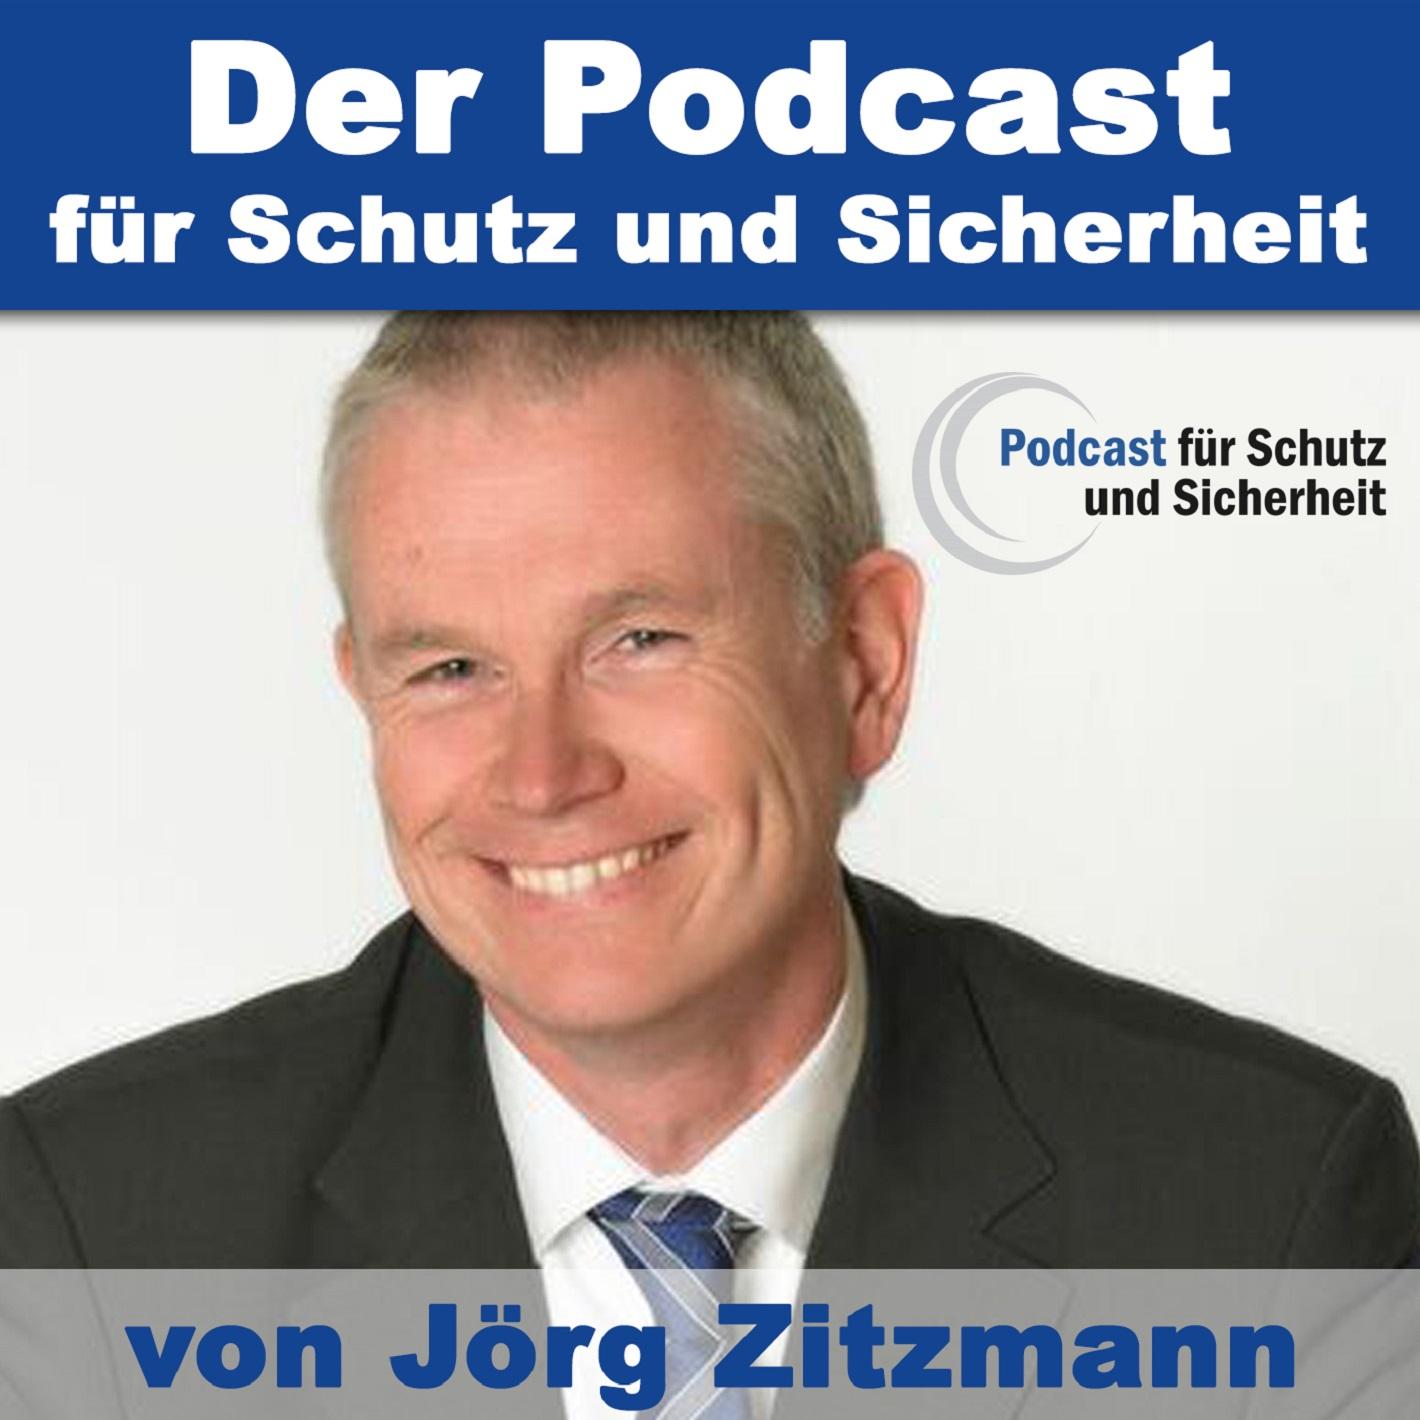 Podcast für Schutz und Sicherheit - von und mit Jörg Zitzmann show art